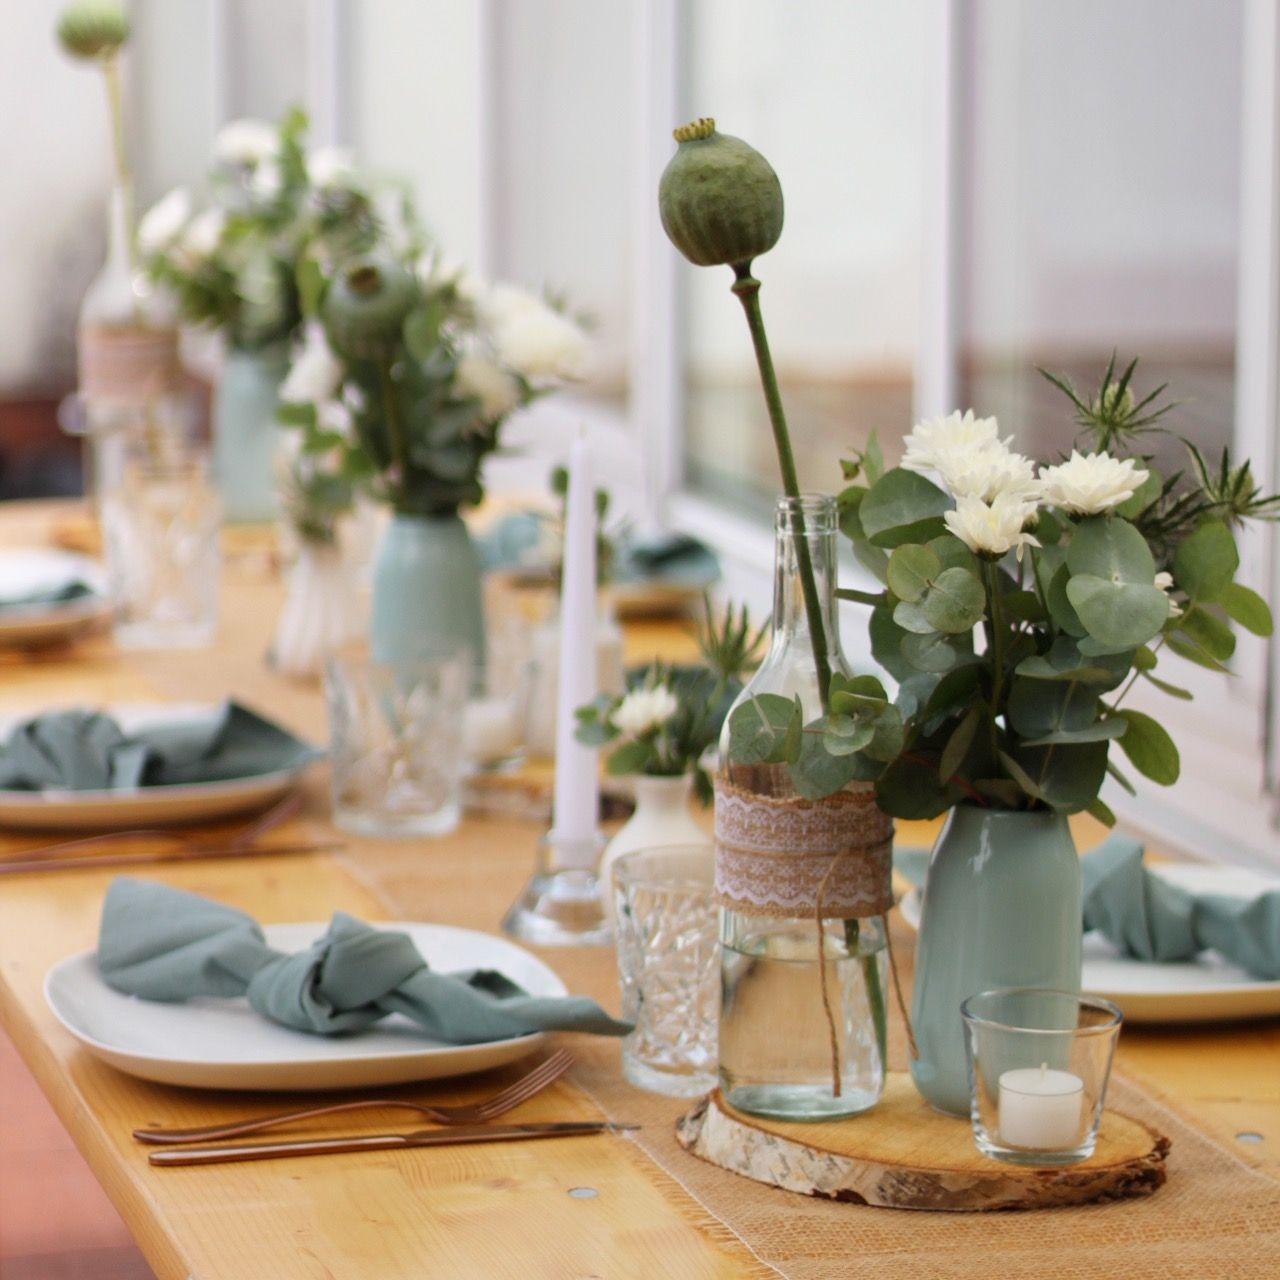 Dekoration in Mint * Hochzeit * Geburtstagsfeier * Taufe * mit Mohnkapseln, Disteln, Holzscheiben * Vintage #holzscheibendeko